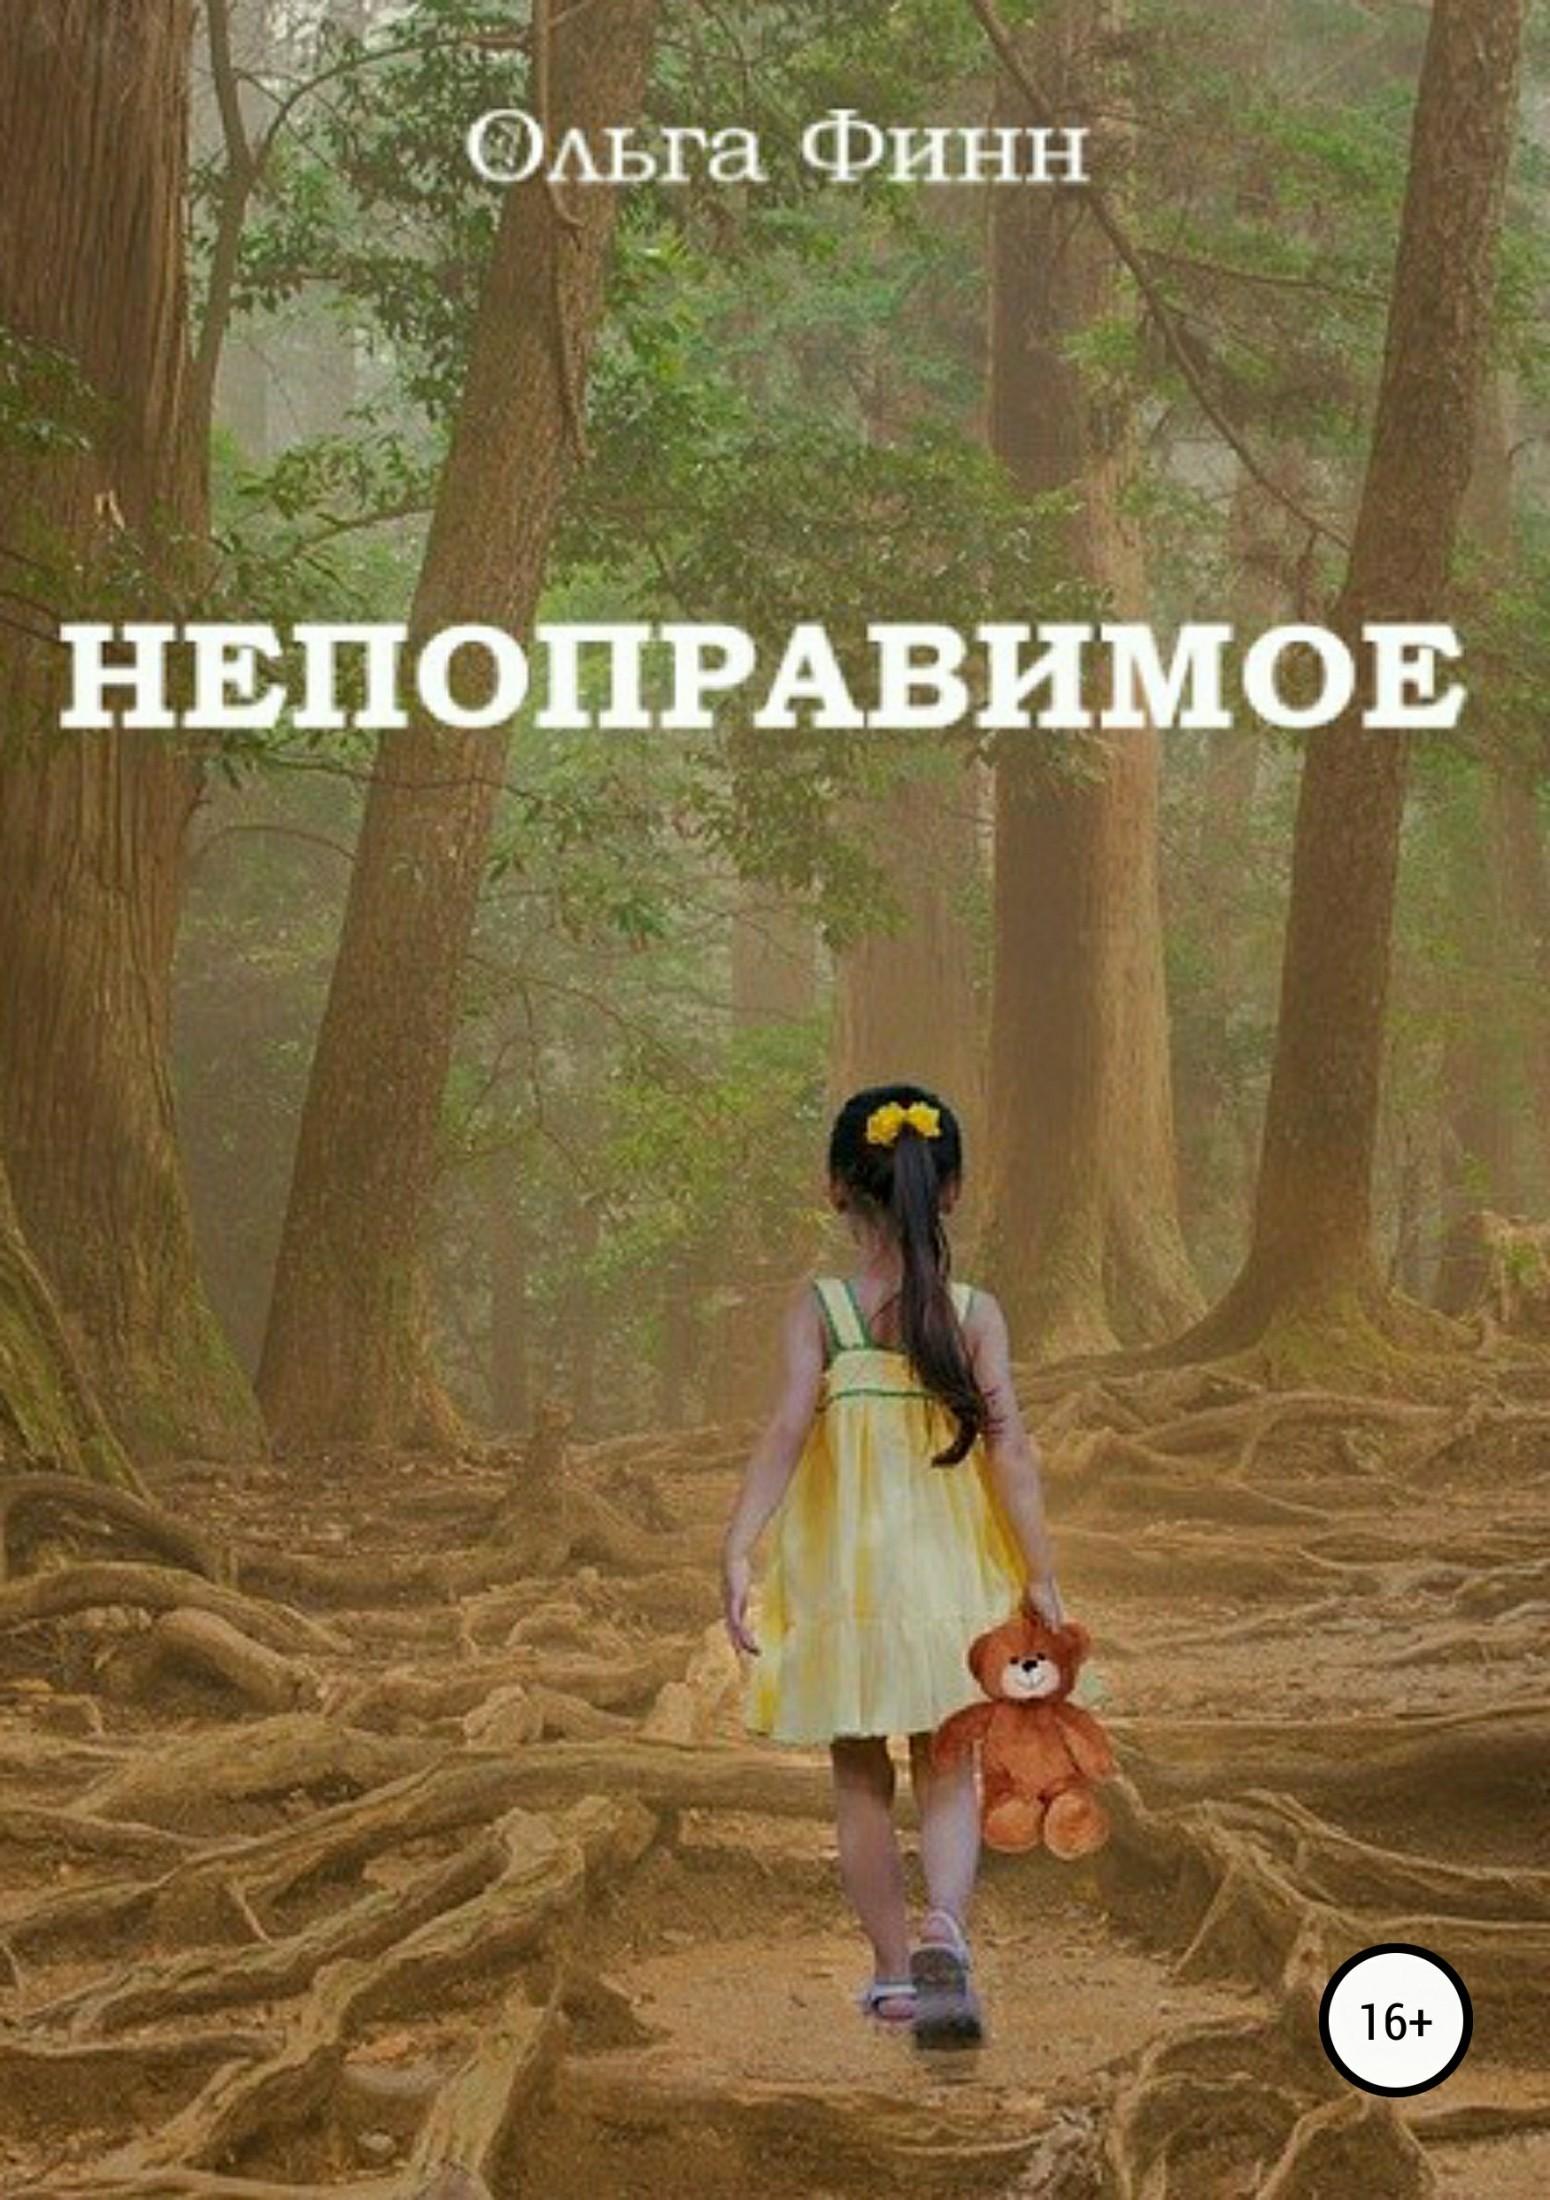 Ольга Финн. Непоправимое